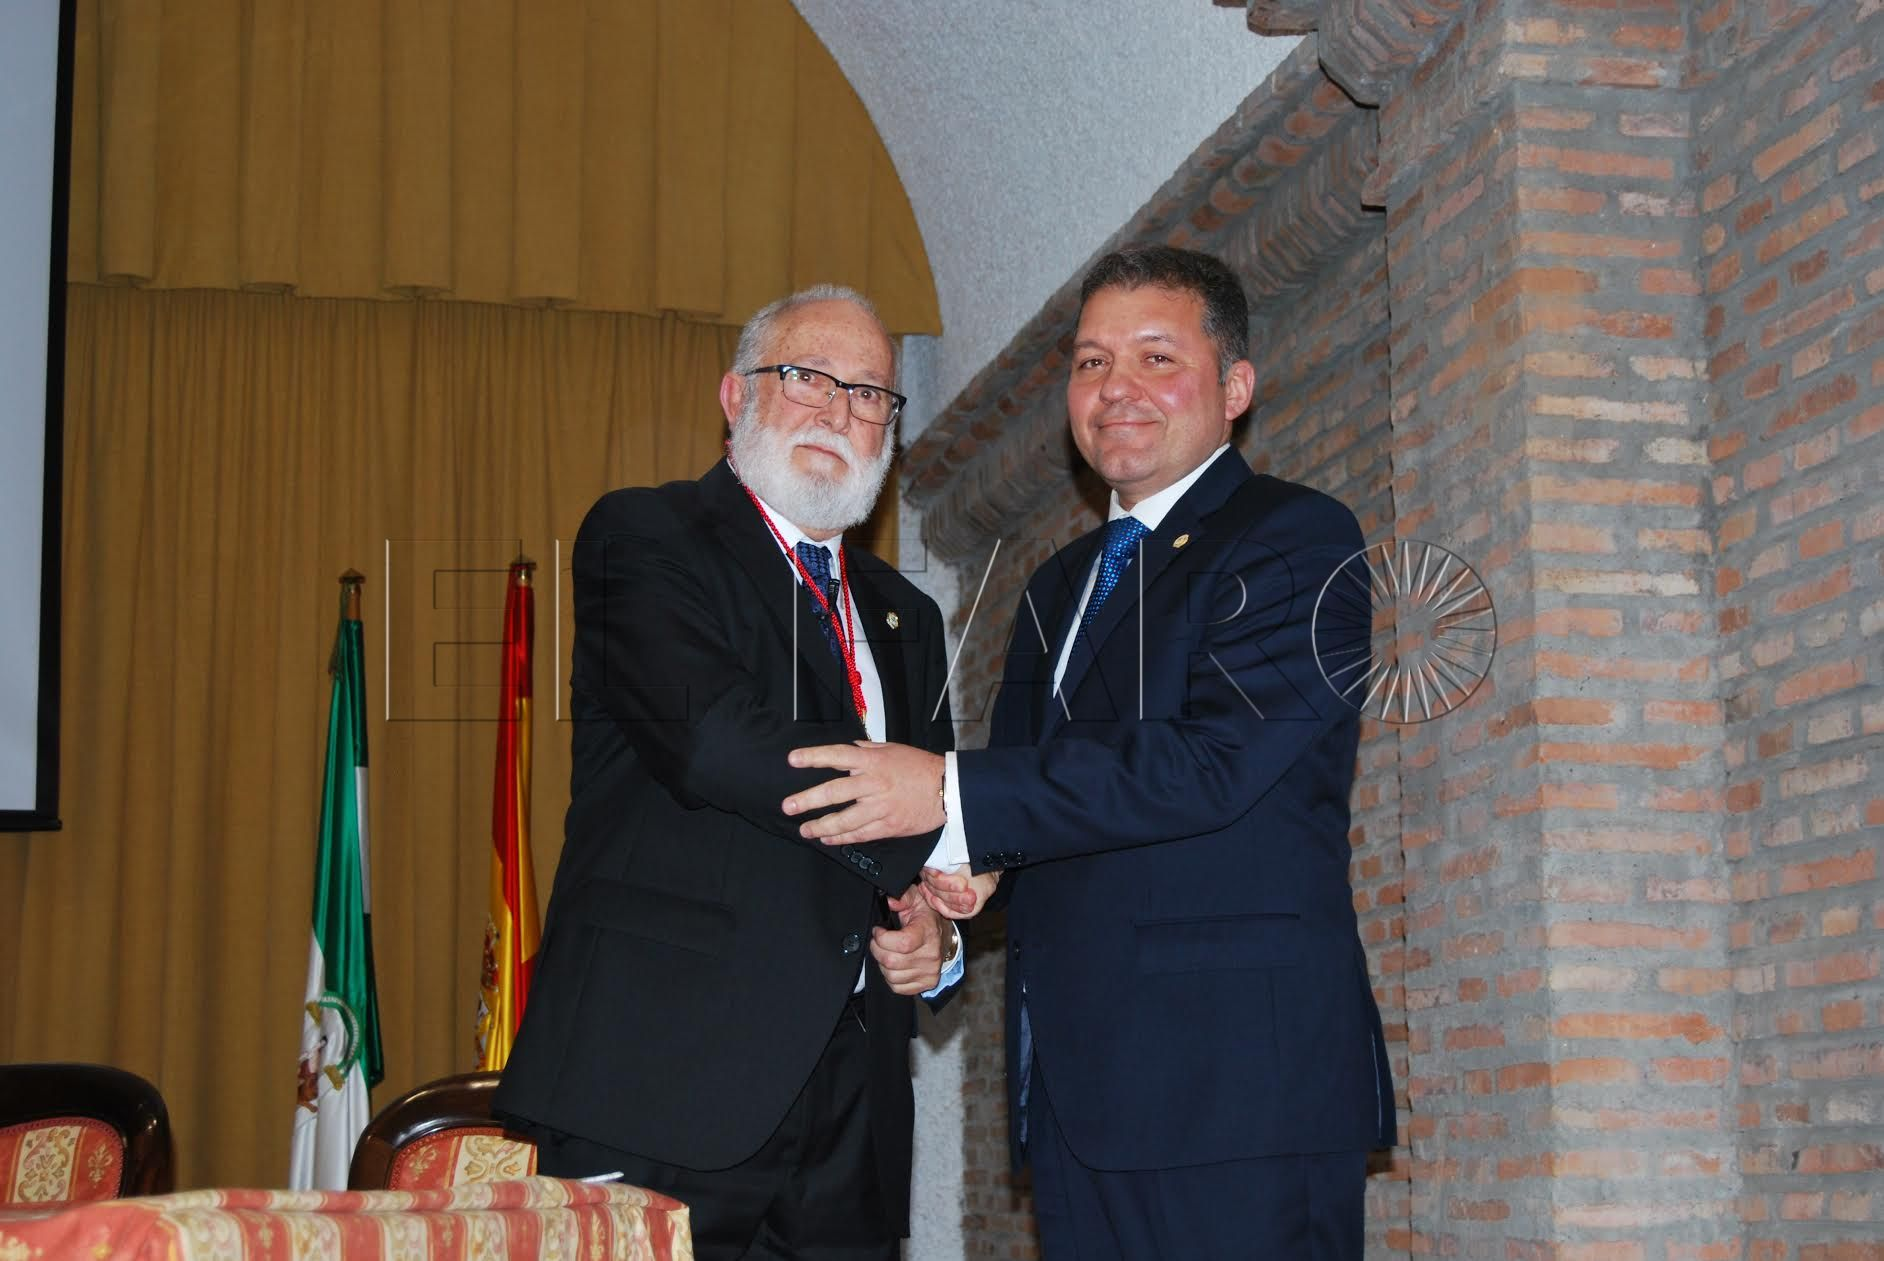 Los colegios de médicos de Cádiz y Ceuta firman un acuerdo de formación